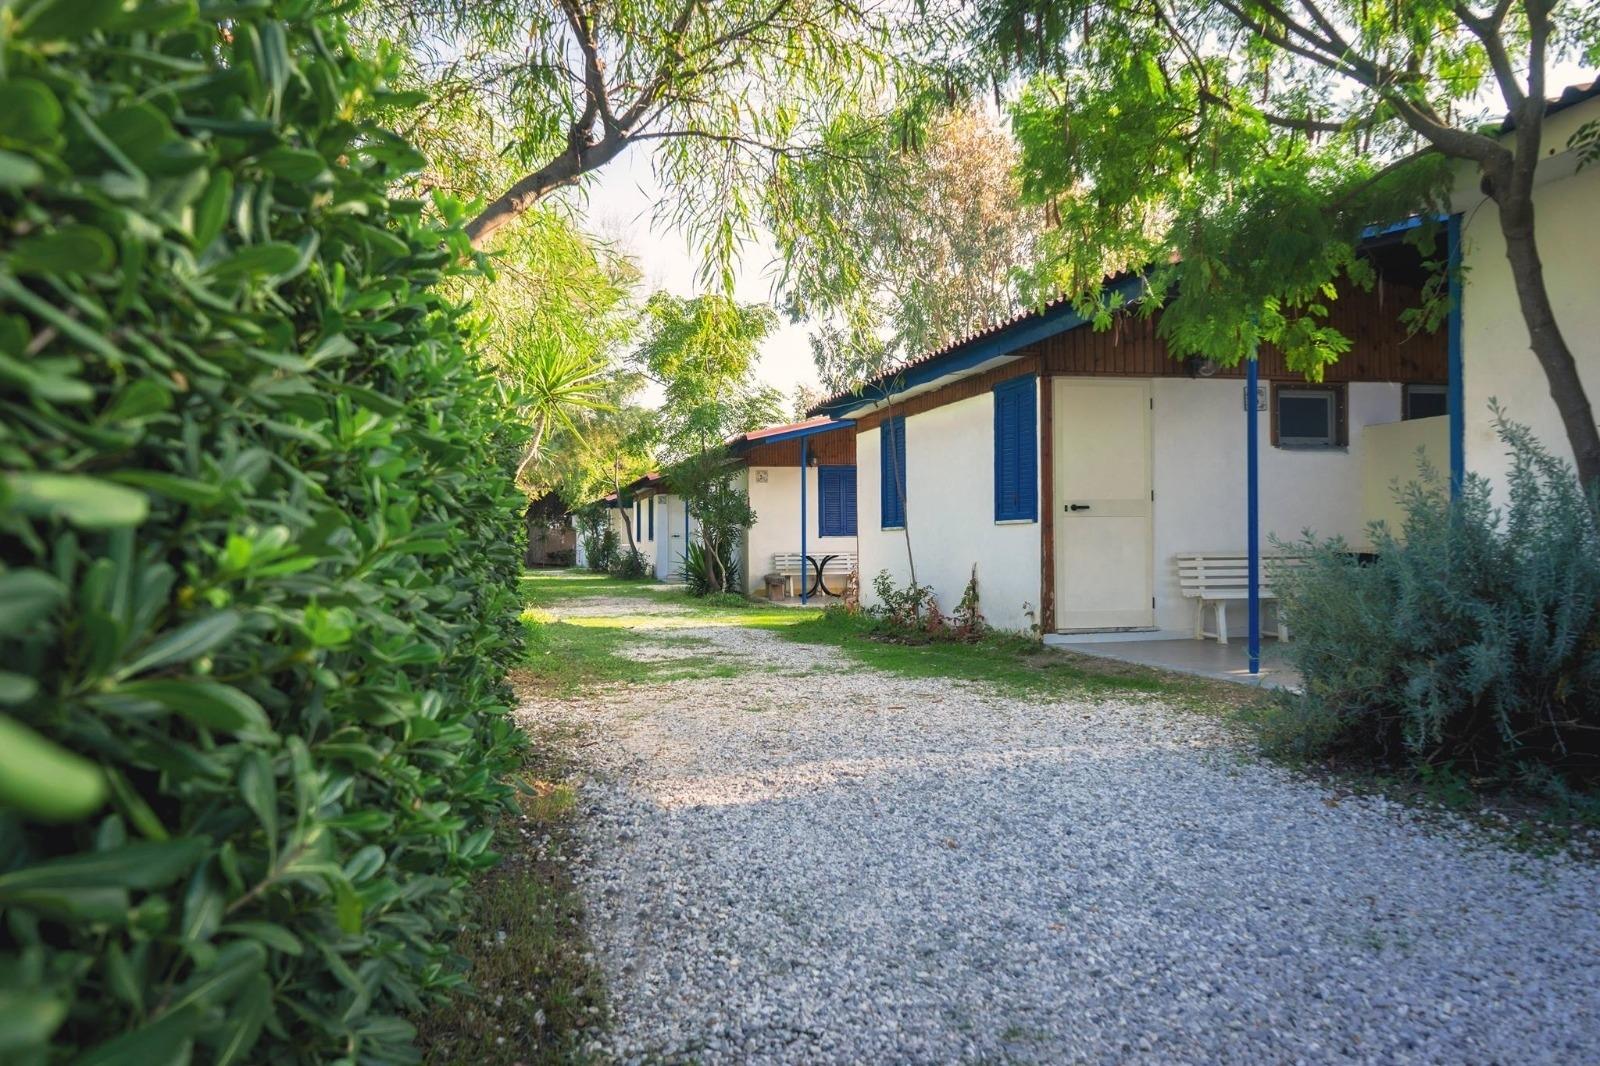 Ferienhaus 4 Personen Bungalow (2713407), Licinella, Salerno, Kampanien, Italien, Bild 11